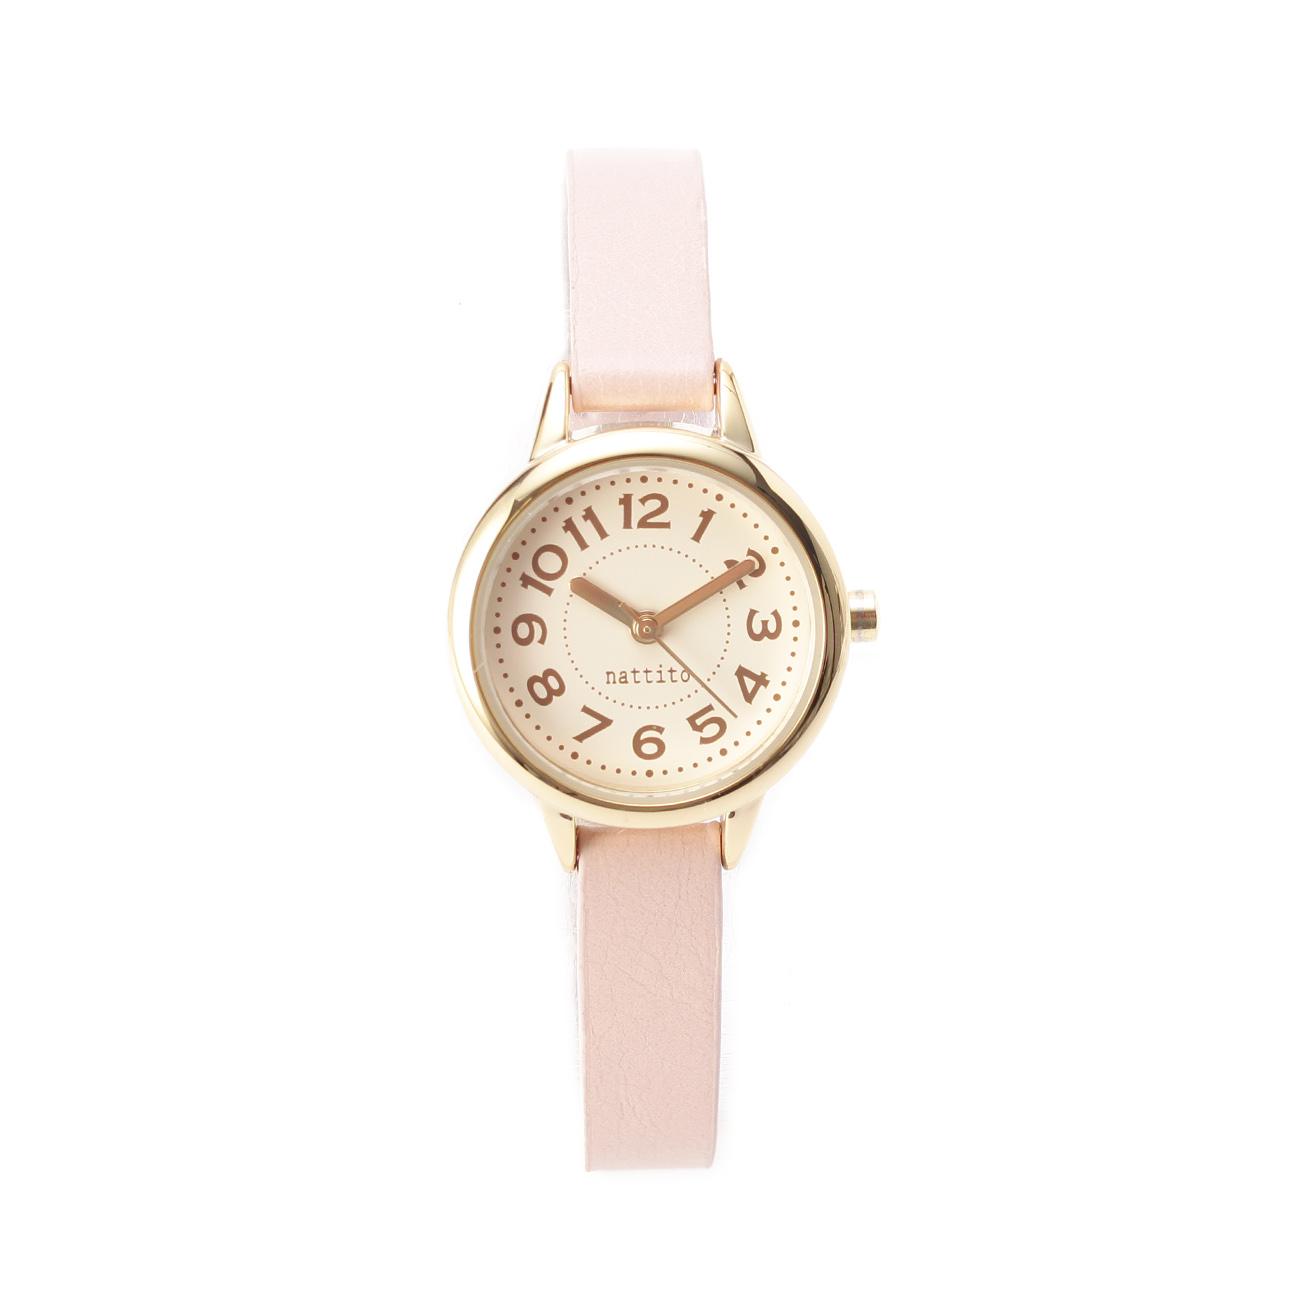 【THE EMPORIUM (ジエンポリアム)】メタリックフレーム腕時計レディース 雑貨|腕時計 ベビーピンク